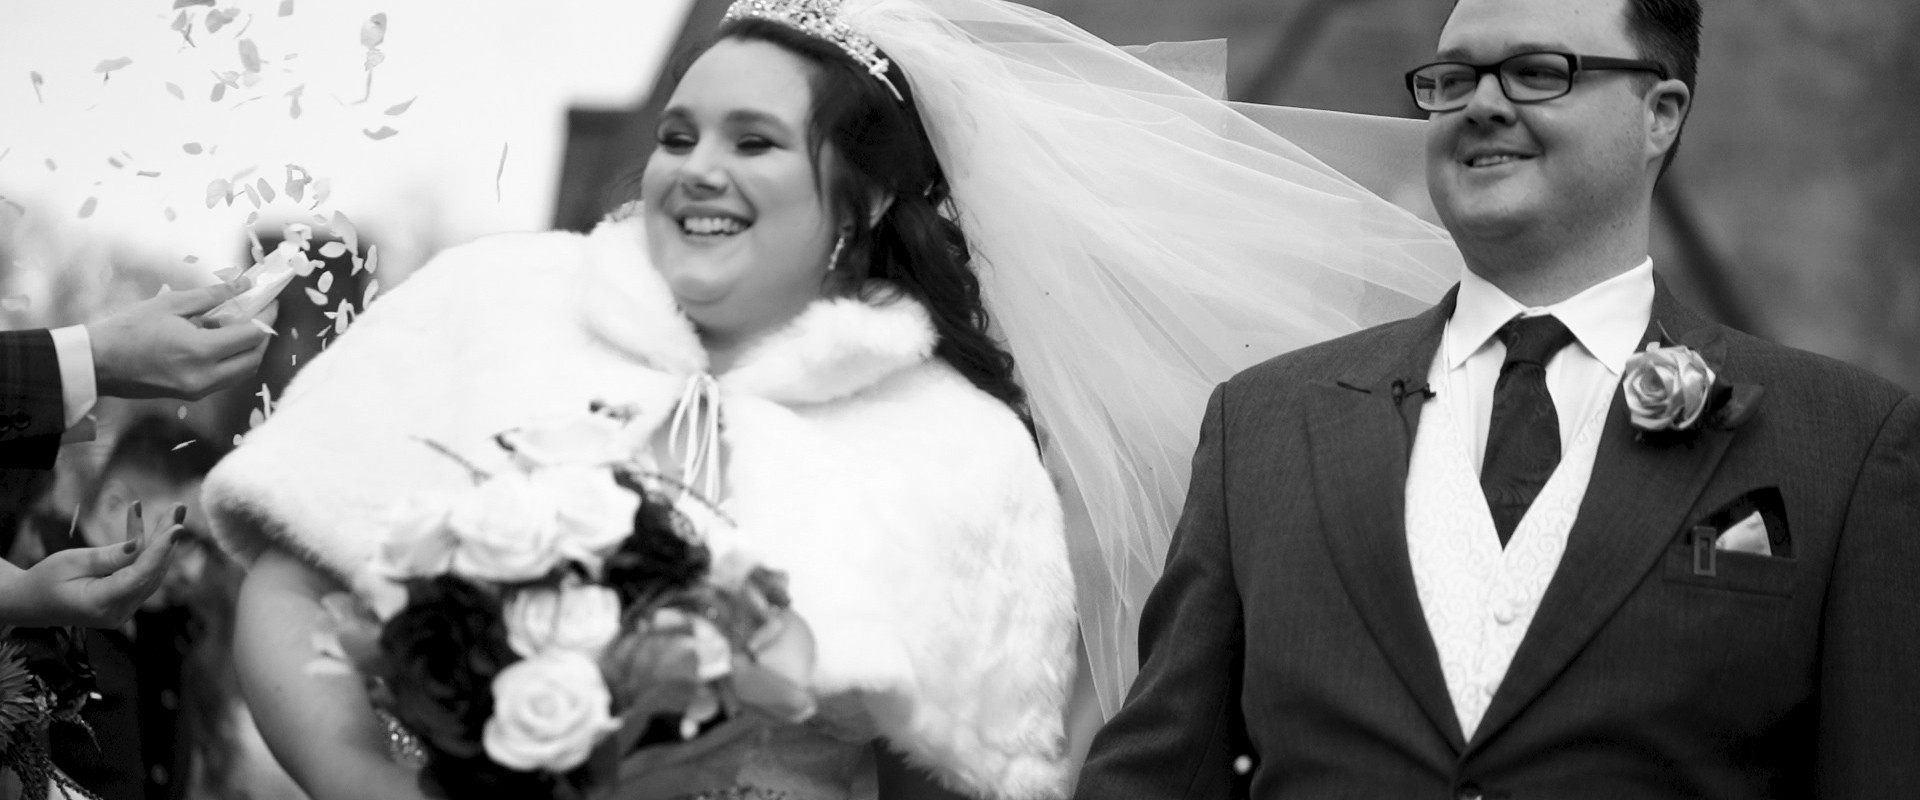 Wedding-ShortFilm-BW.00_04_43_14.Still03